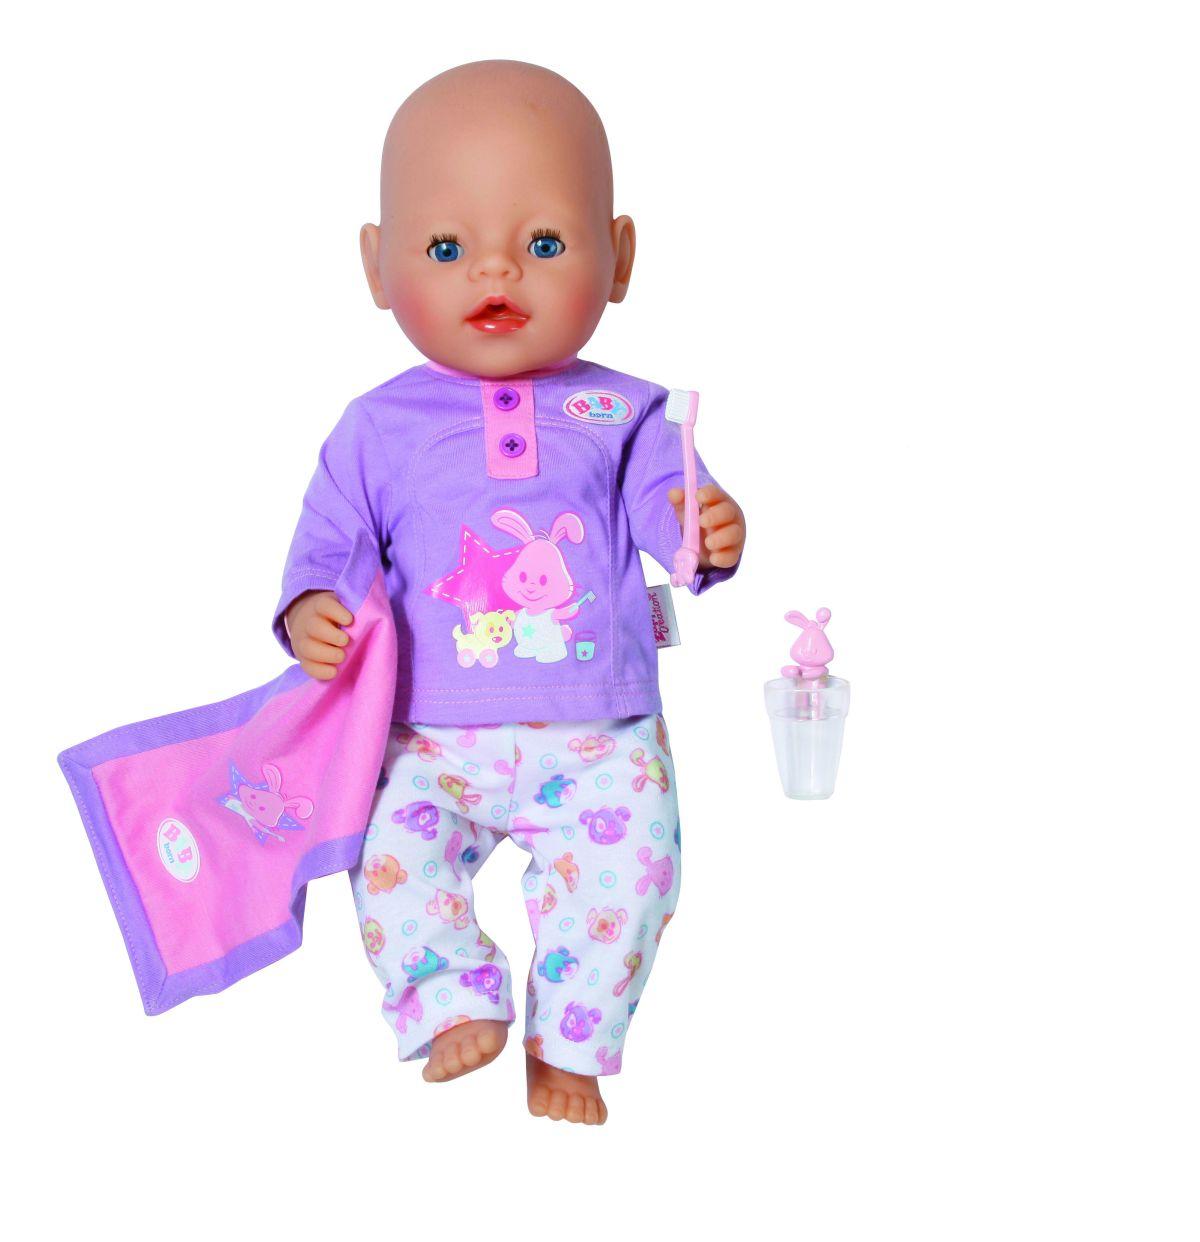 Baby Born im Badezimmer - MIFUS Family